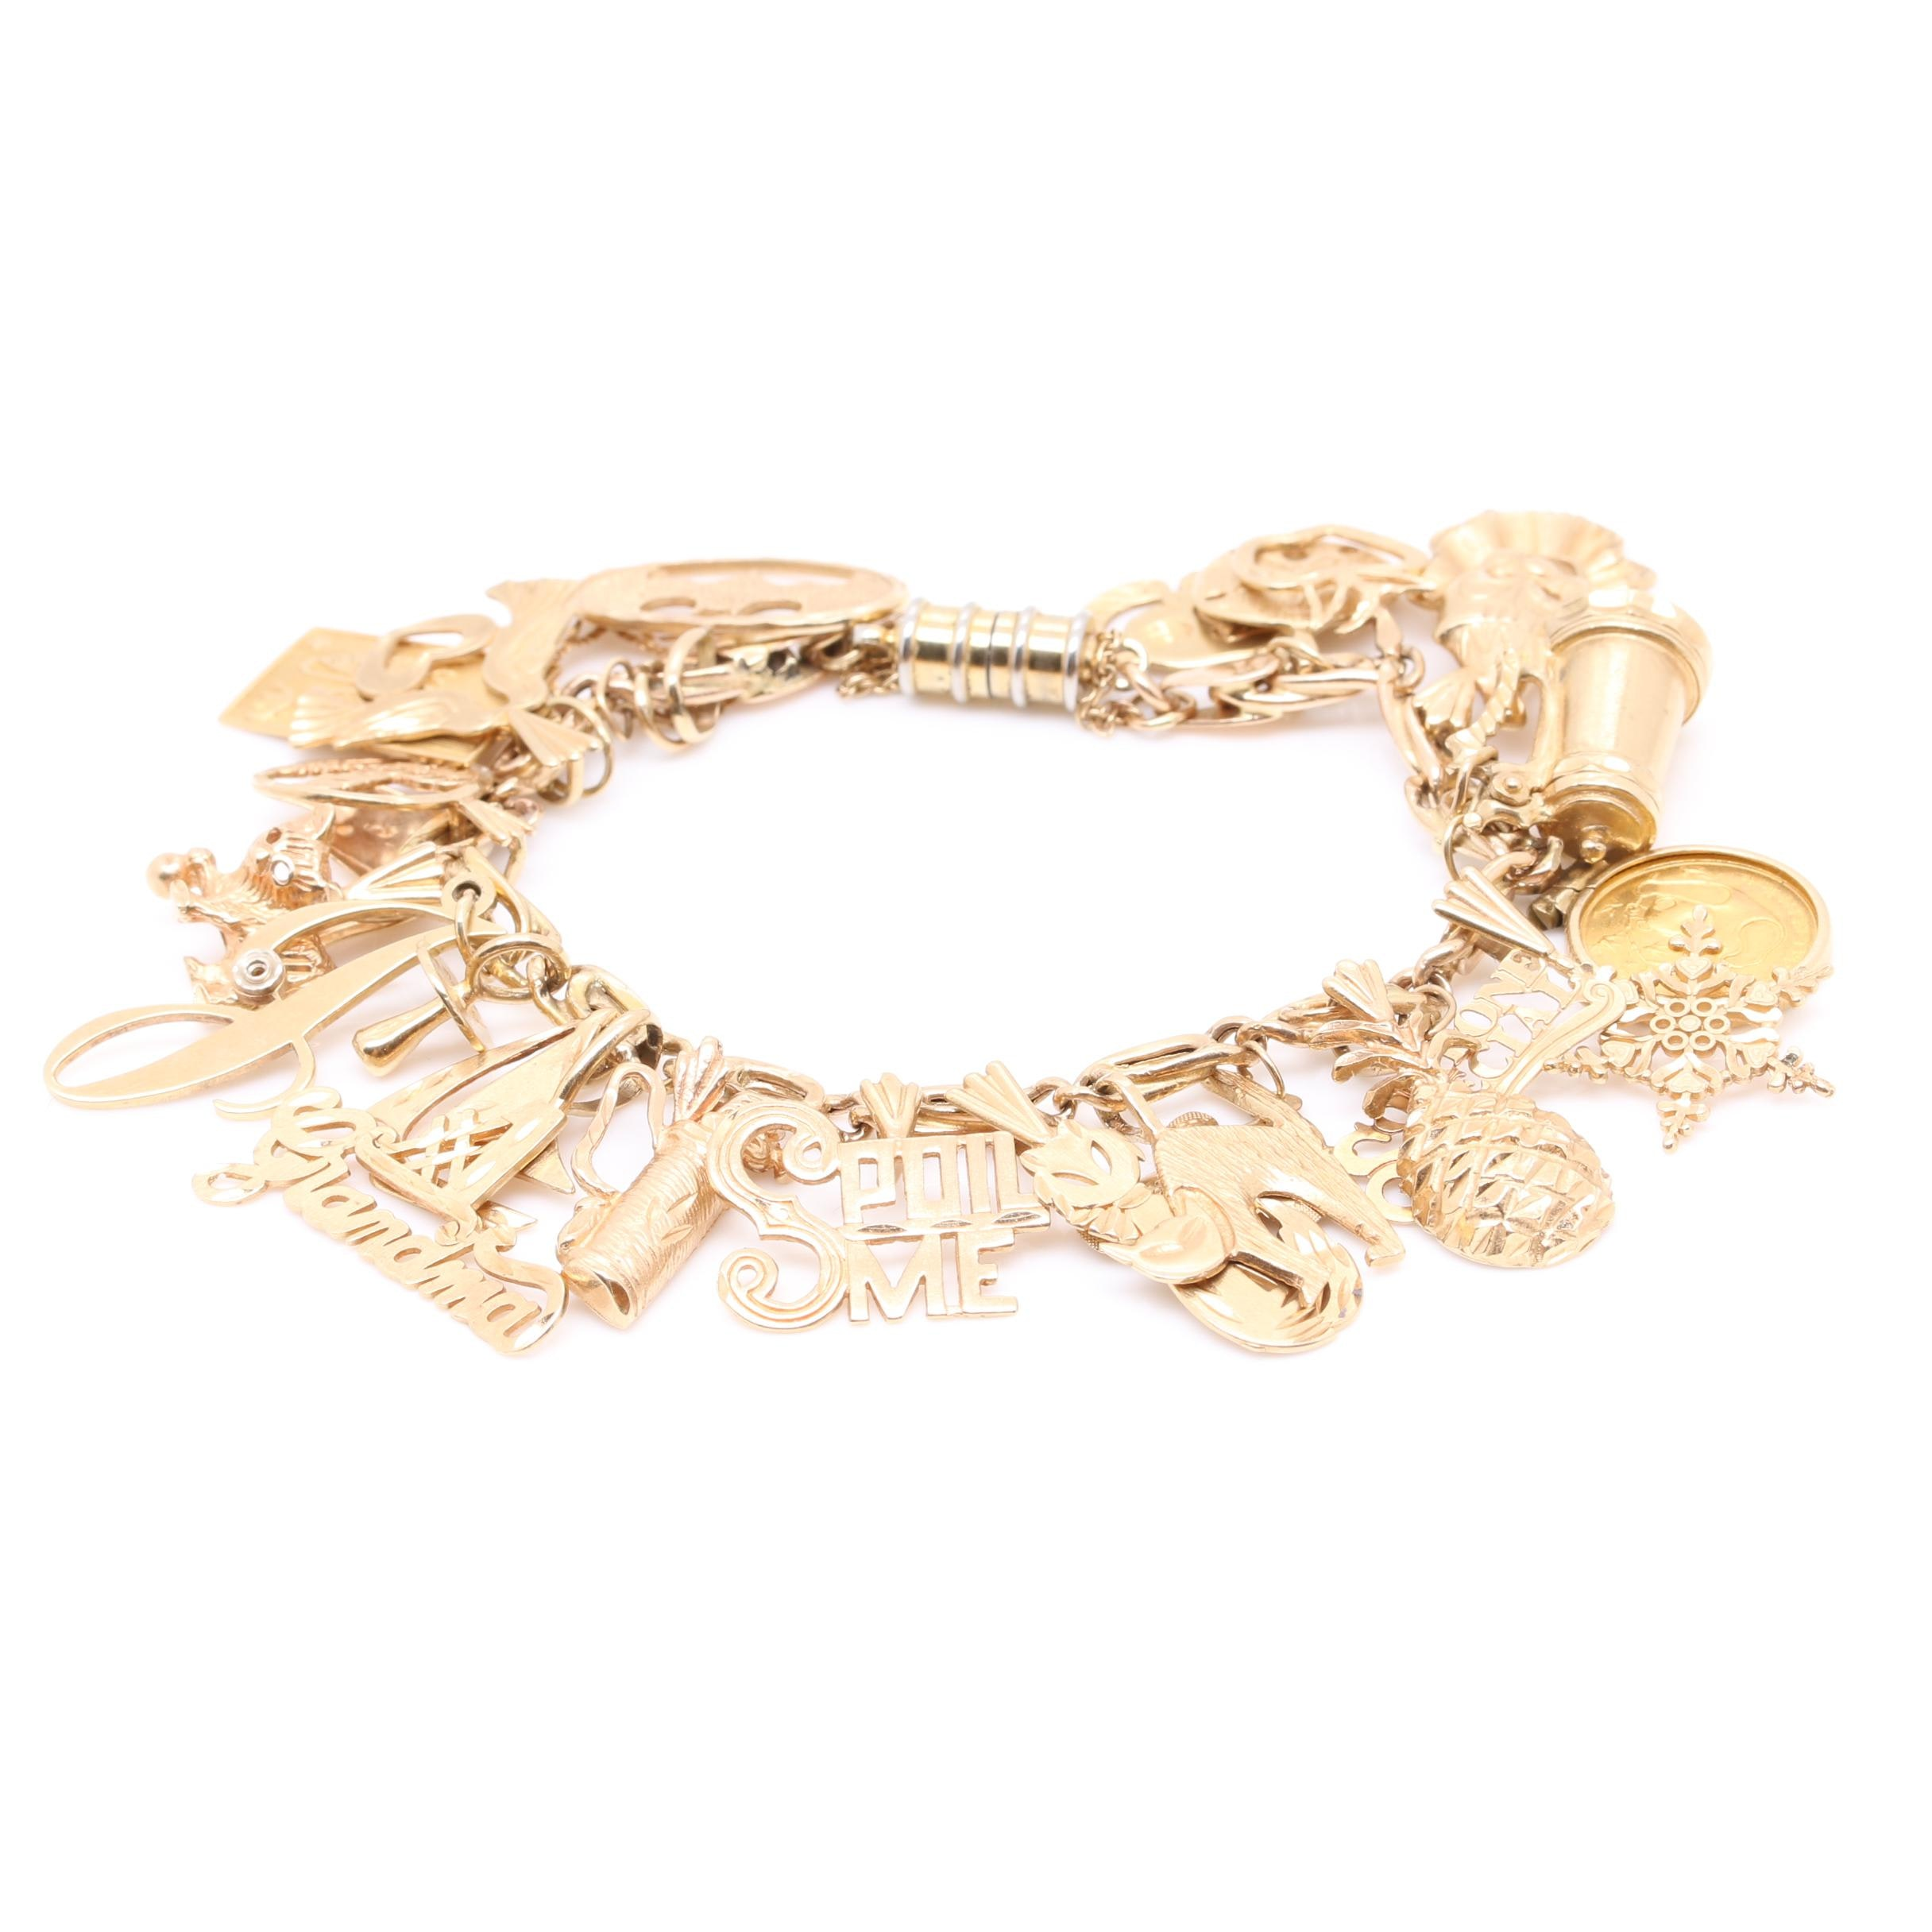 14K Yellow Gold Charm Bracelet with Twenty Five Charms